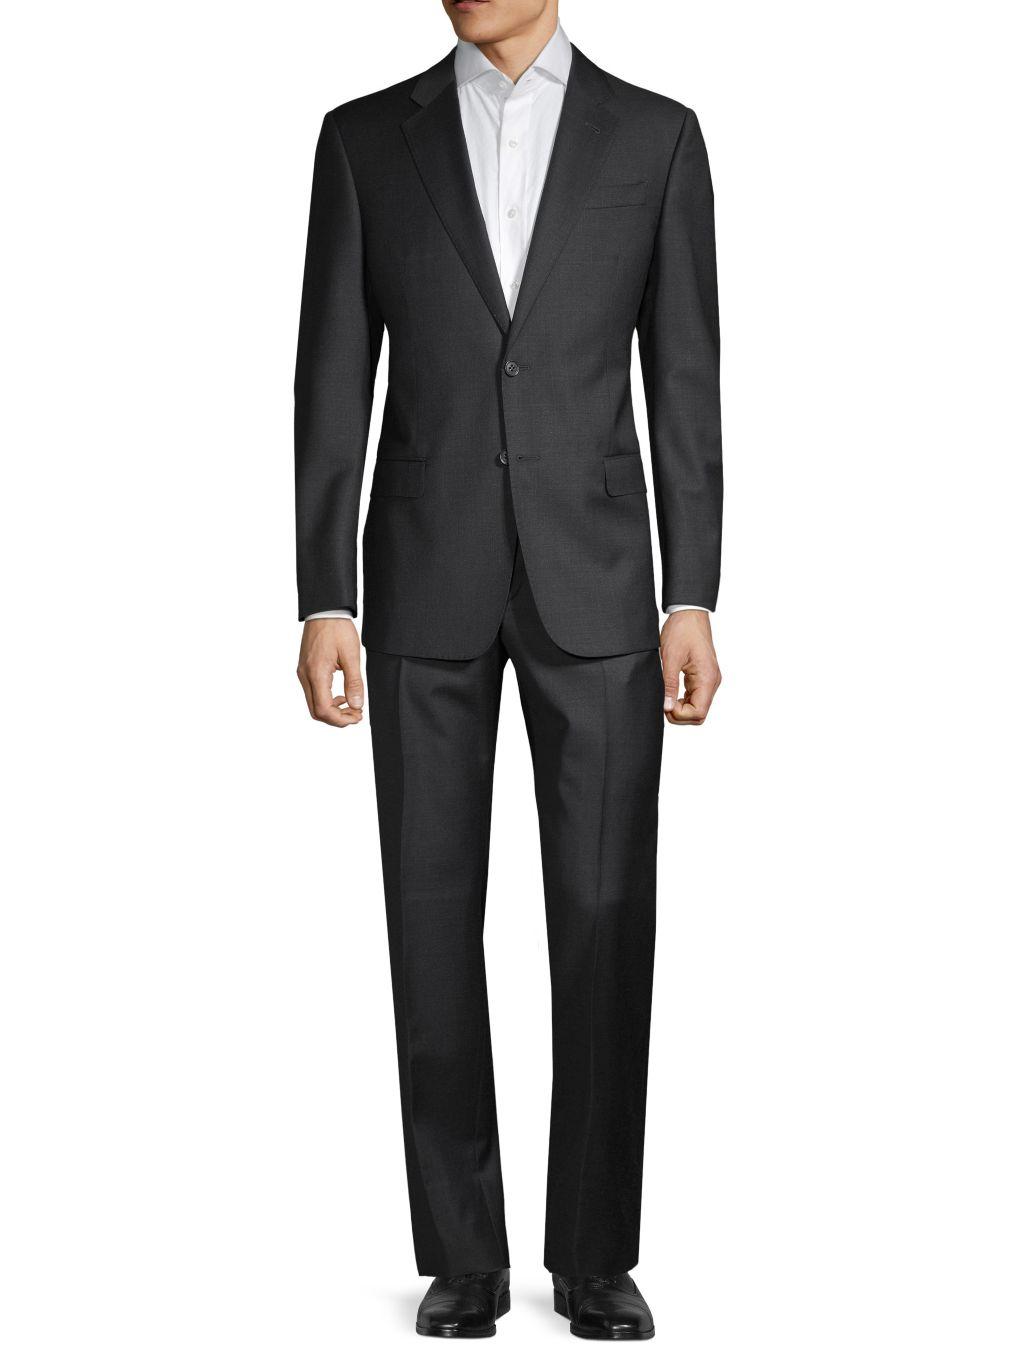 Armani Collezioni G-Line Virgin Wool Suit